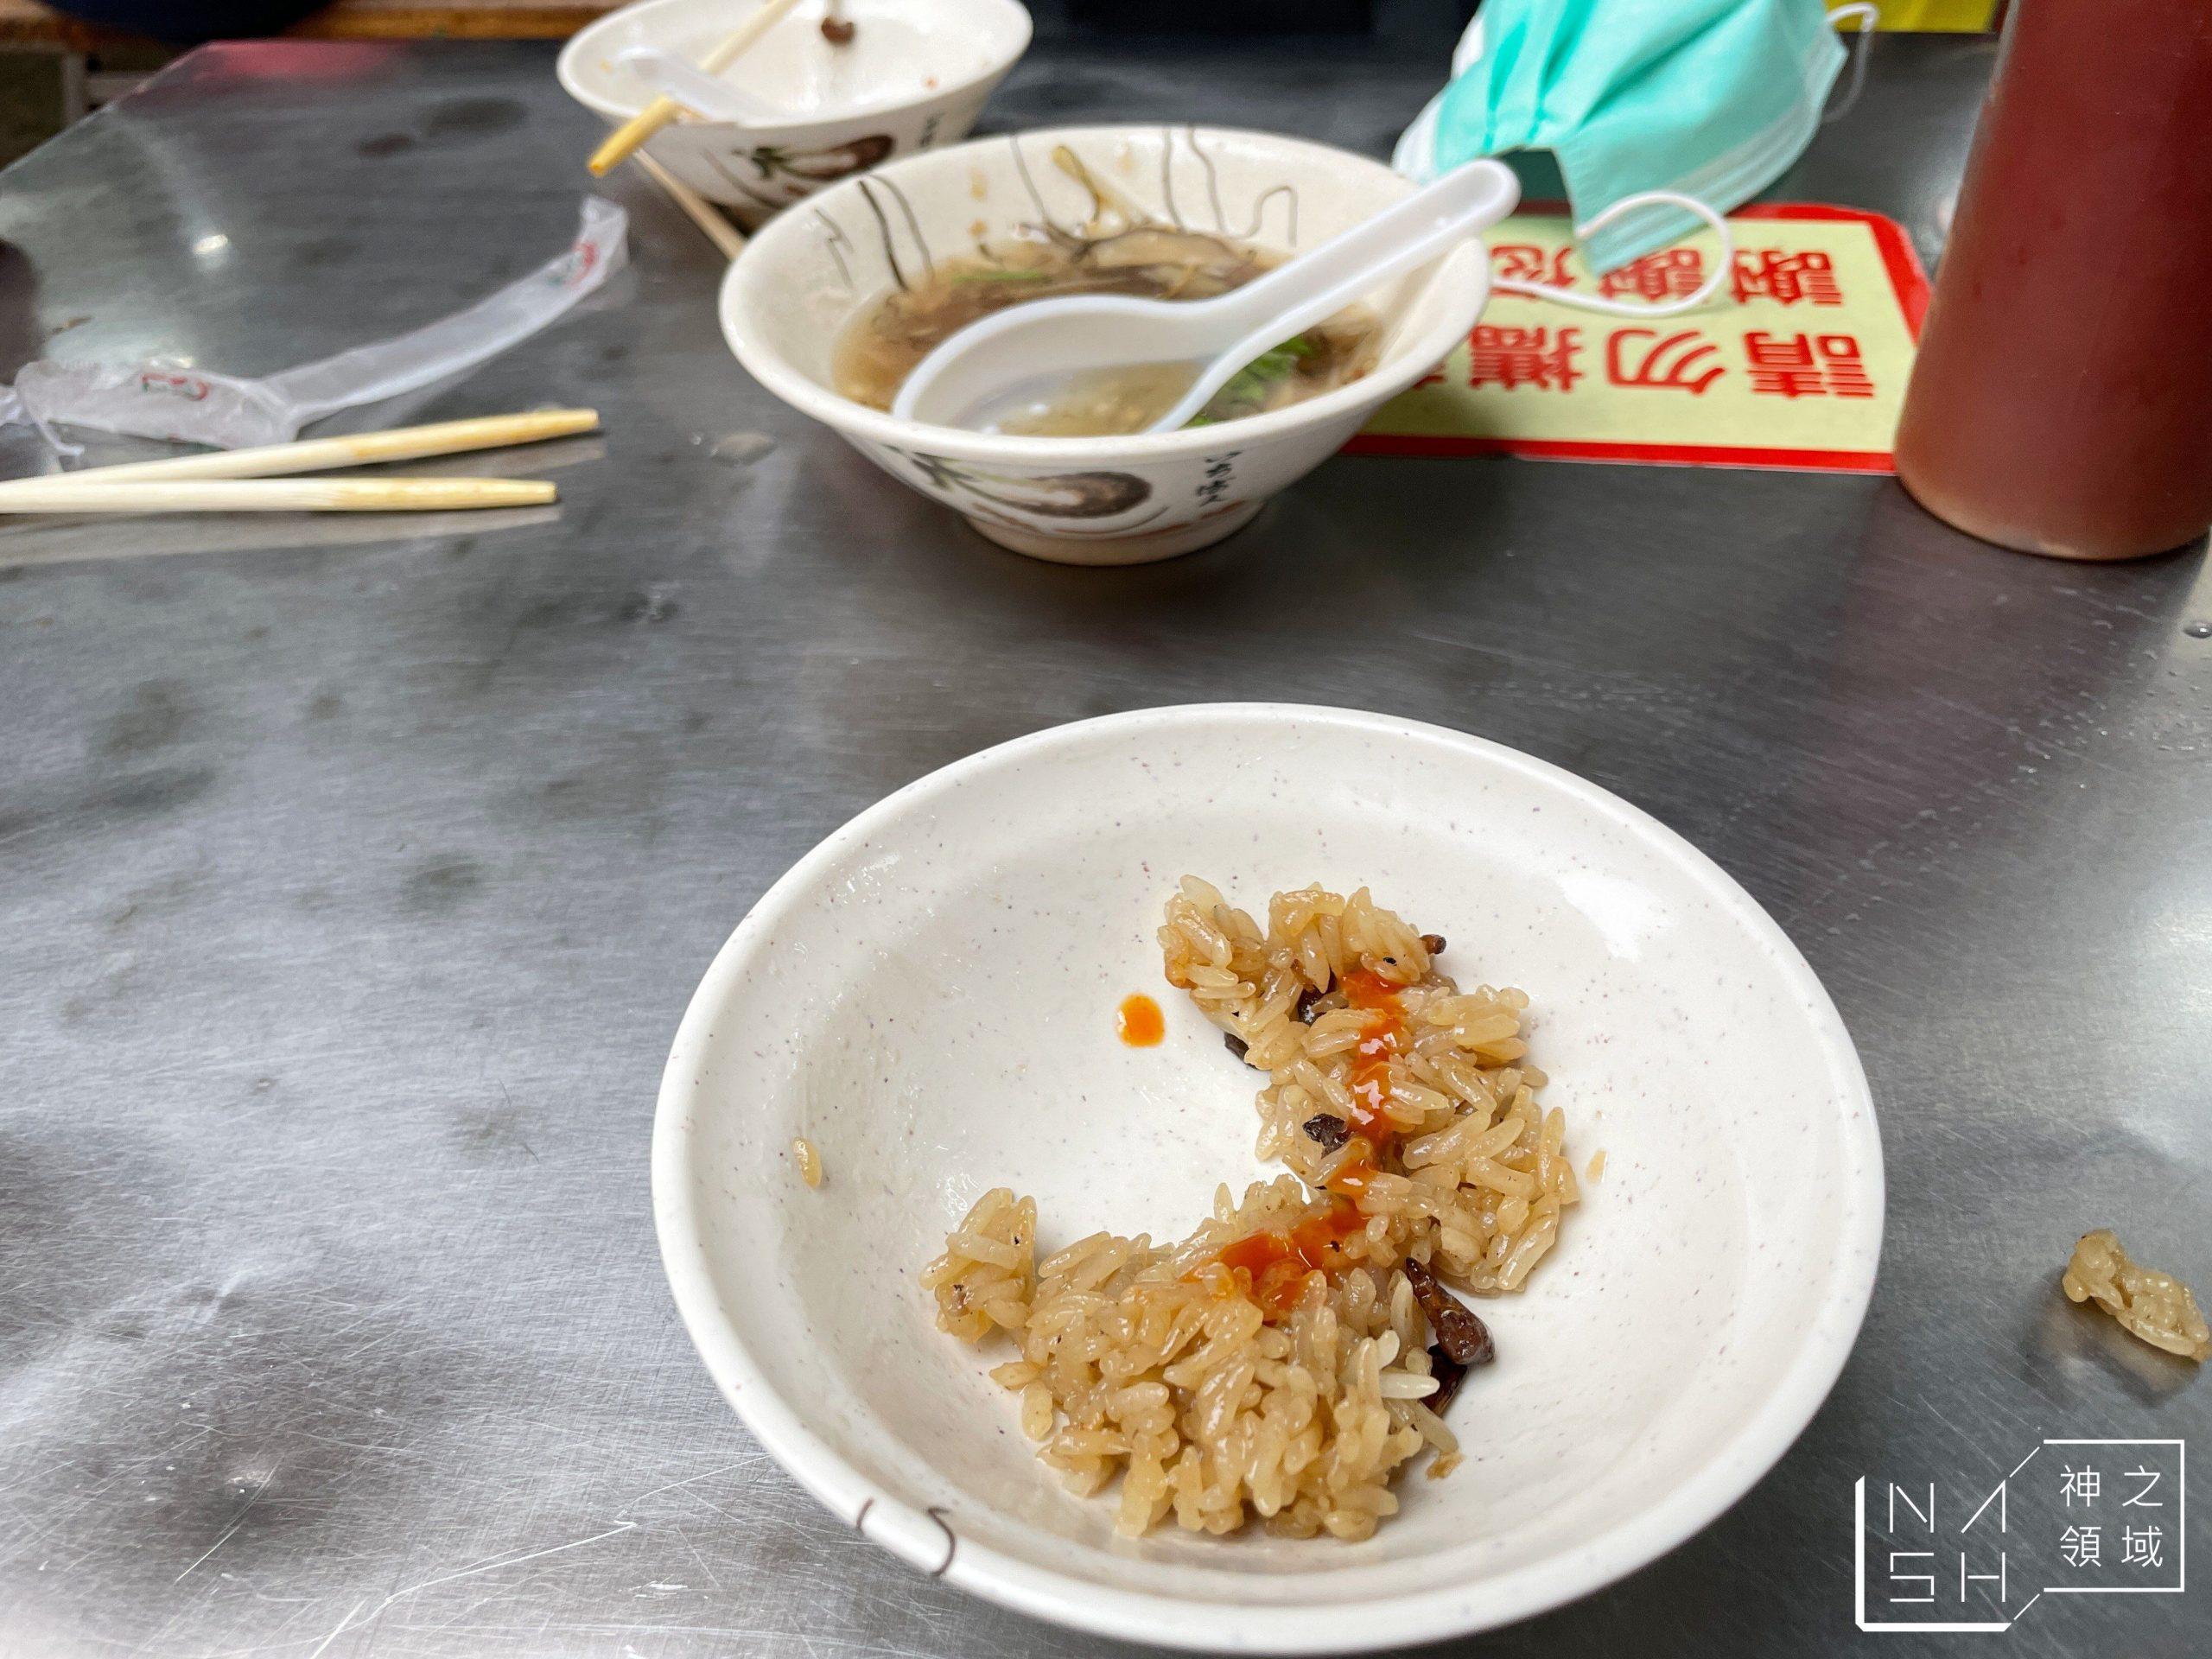 吳記螃蟹羹